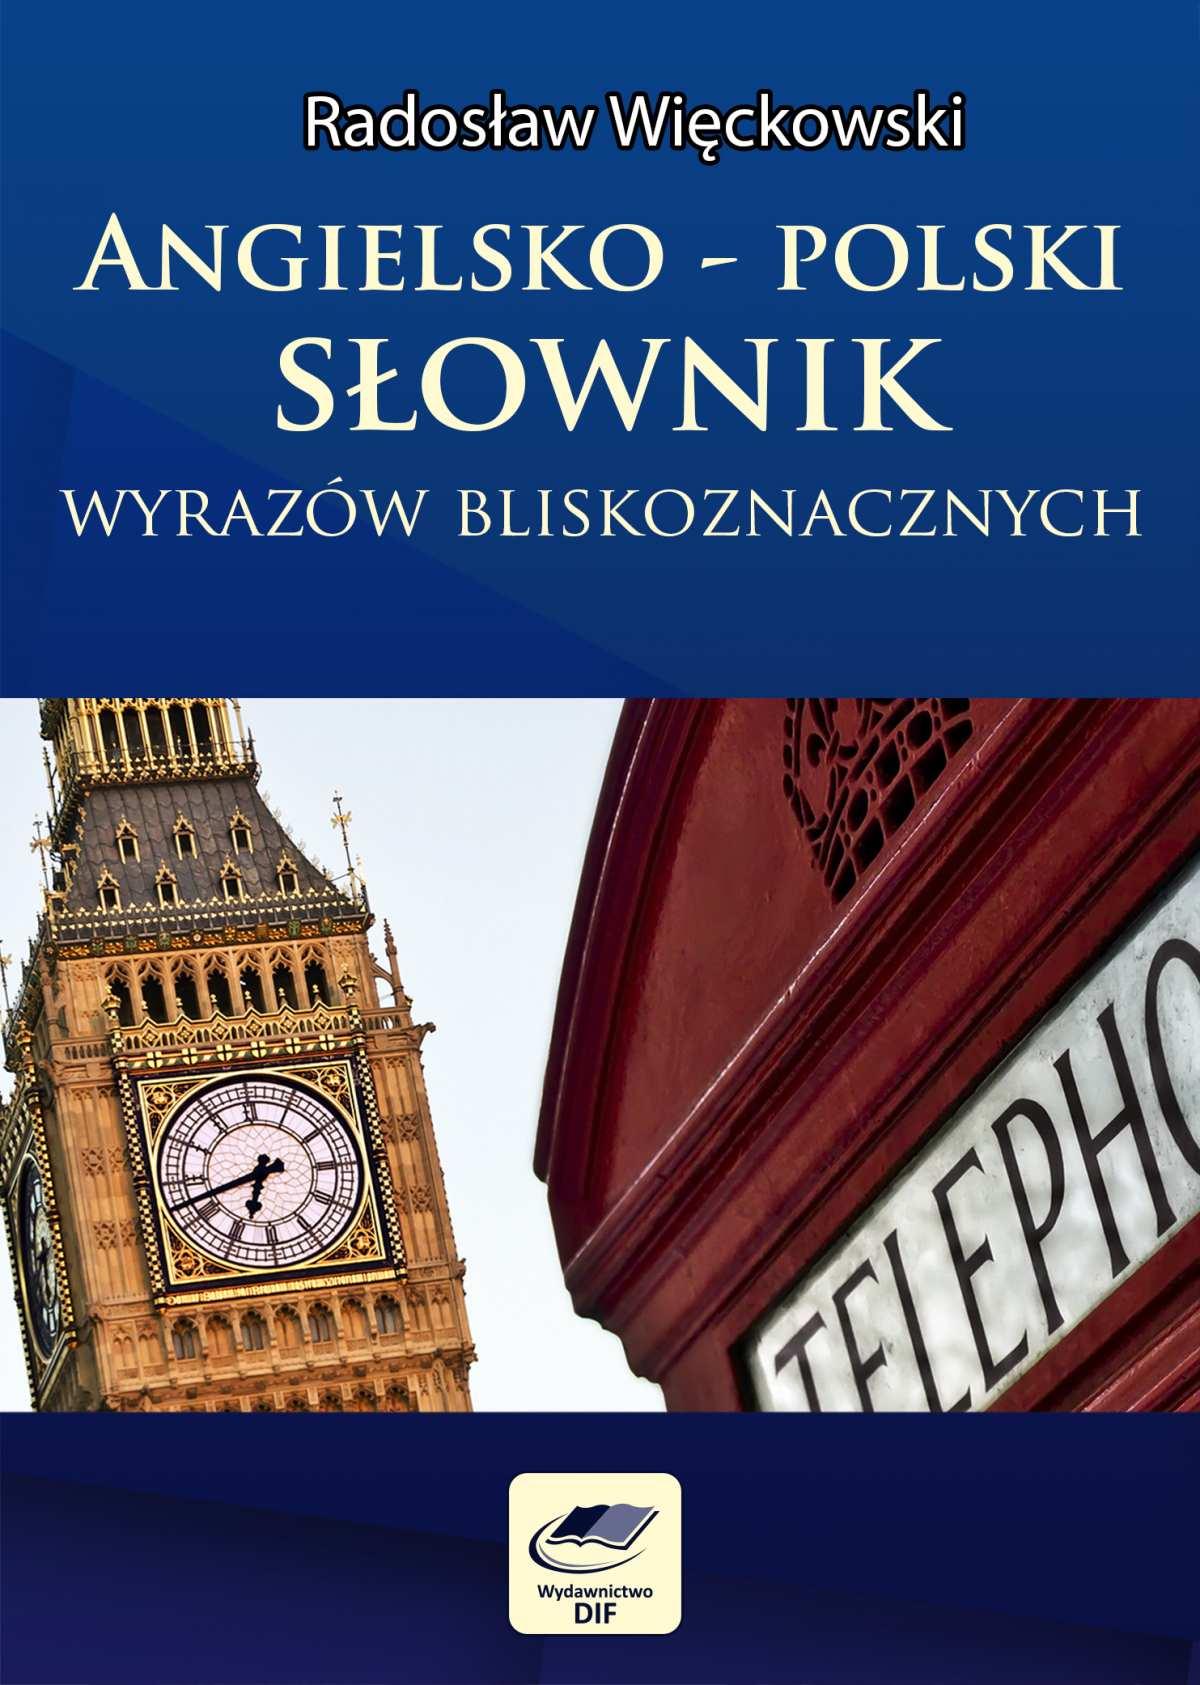 Angielsko-polski słownik wyrazów bliskoznacznych - Ebook (Książka PDF) do pobrania w formacie PDF